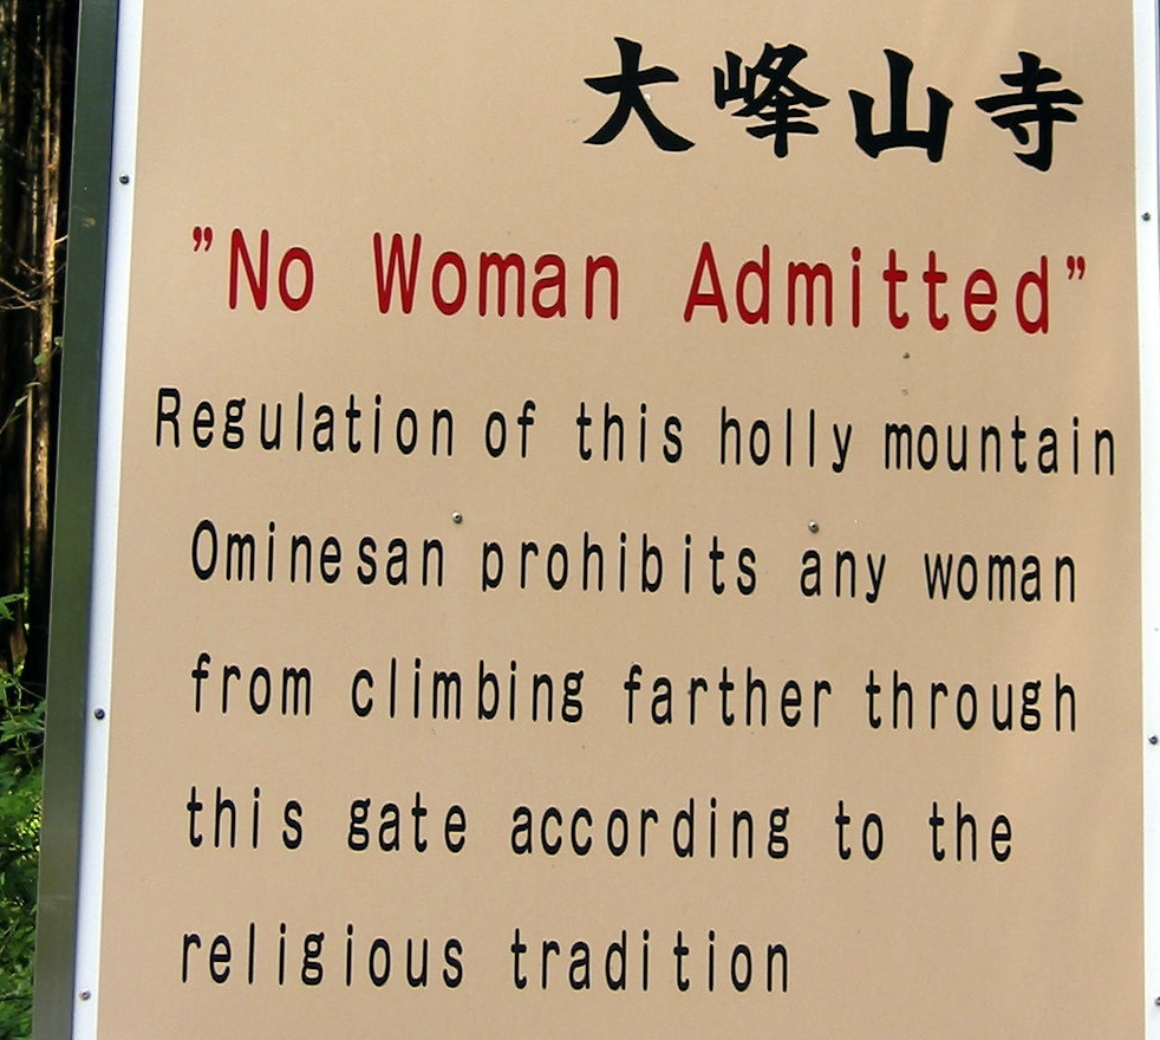 Popular Tourist Destinations that Still Ban Women